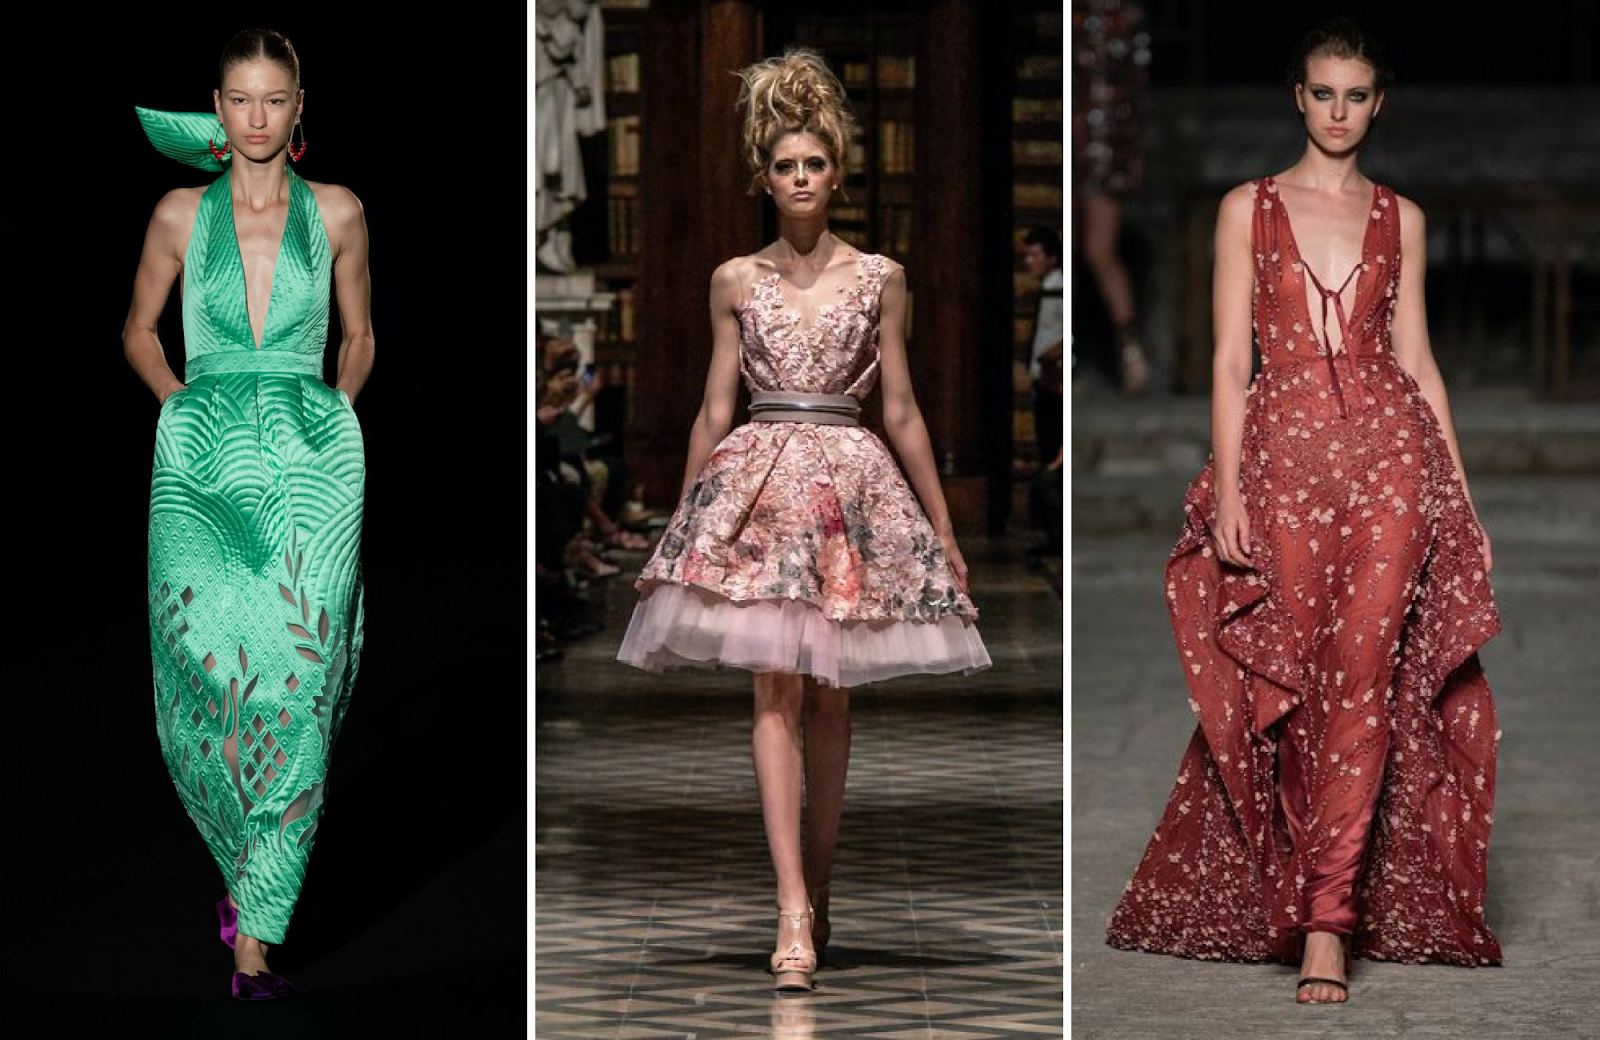 online store cb87c cf9db Altaroma 2018 parte 2 - La couture in 3 sfilate della ...